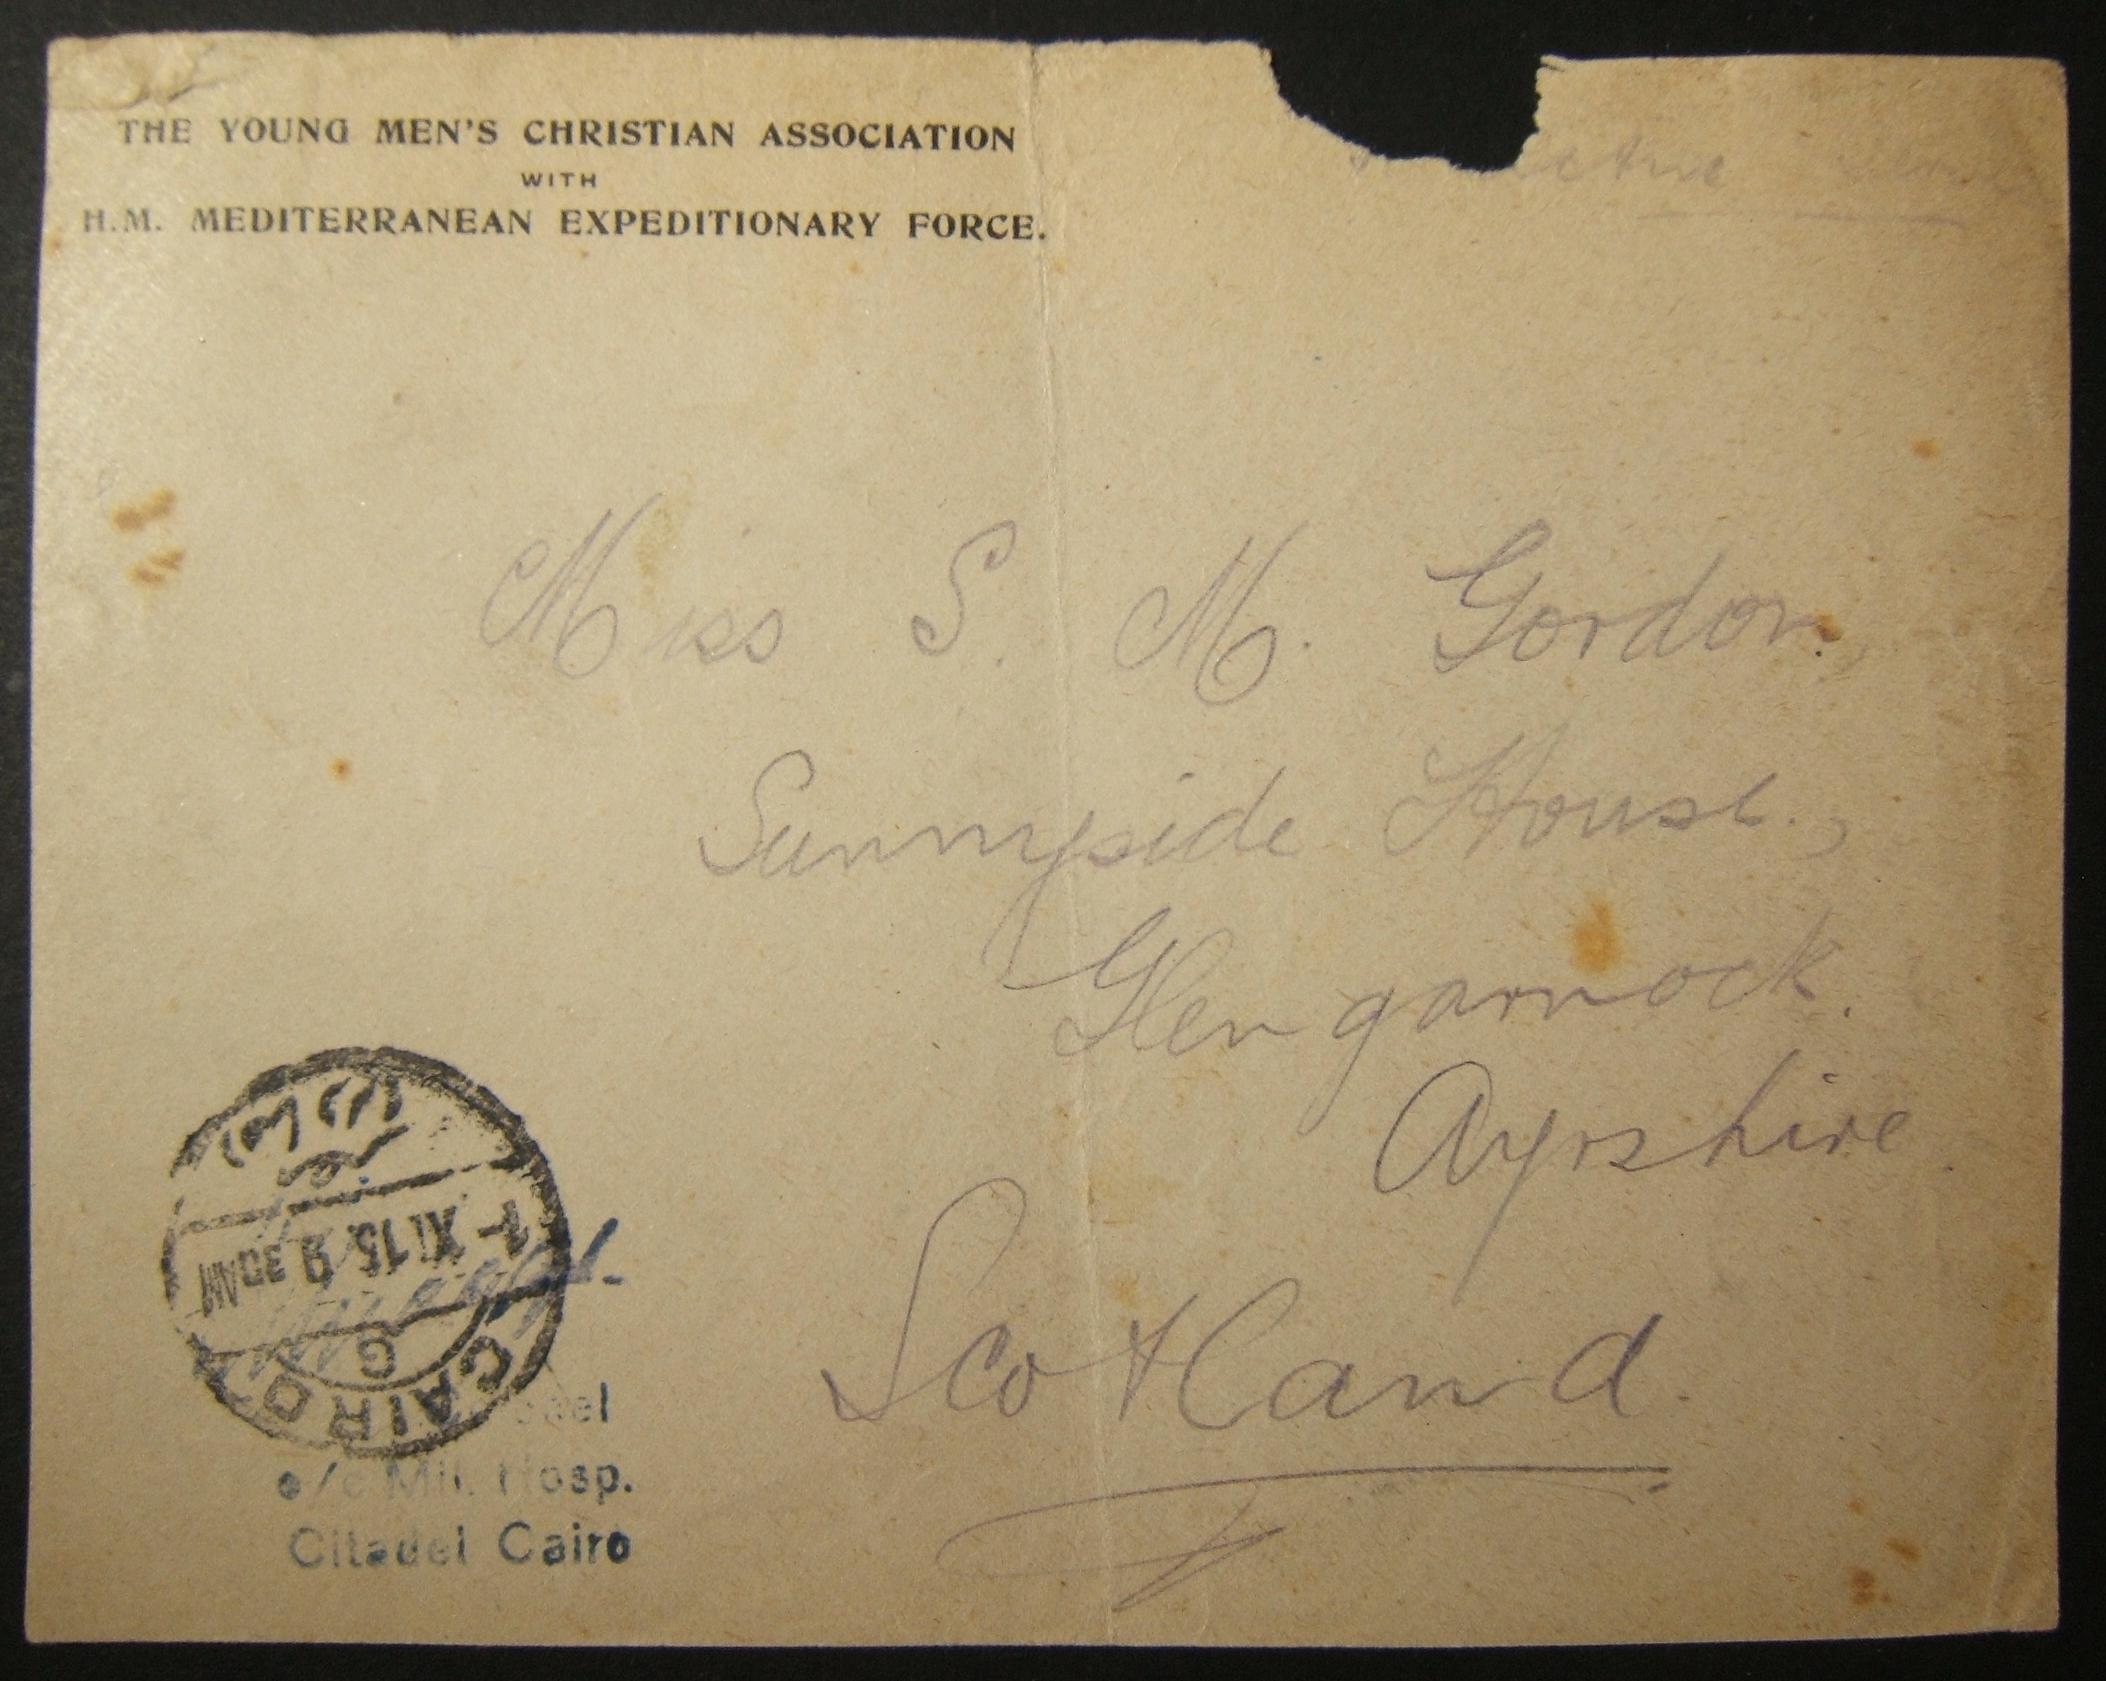 9/1915 WWI unranked הבריטי דואר צבאי בבריטניה דרך הדואר המצרי; חותמת הדואר המתוארכת המוקדמת ביותר + קובץ המטמון של בית החולים